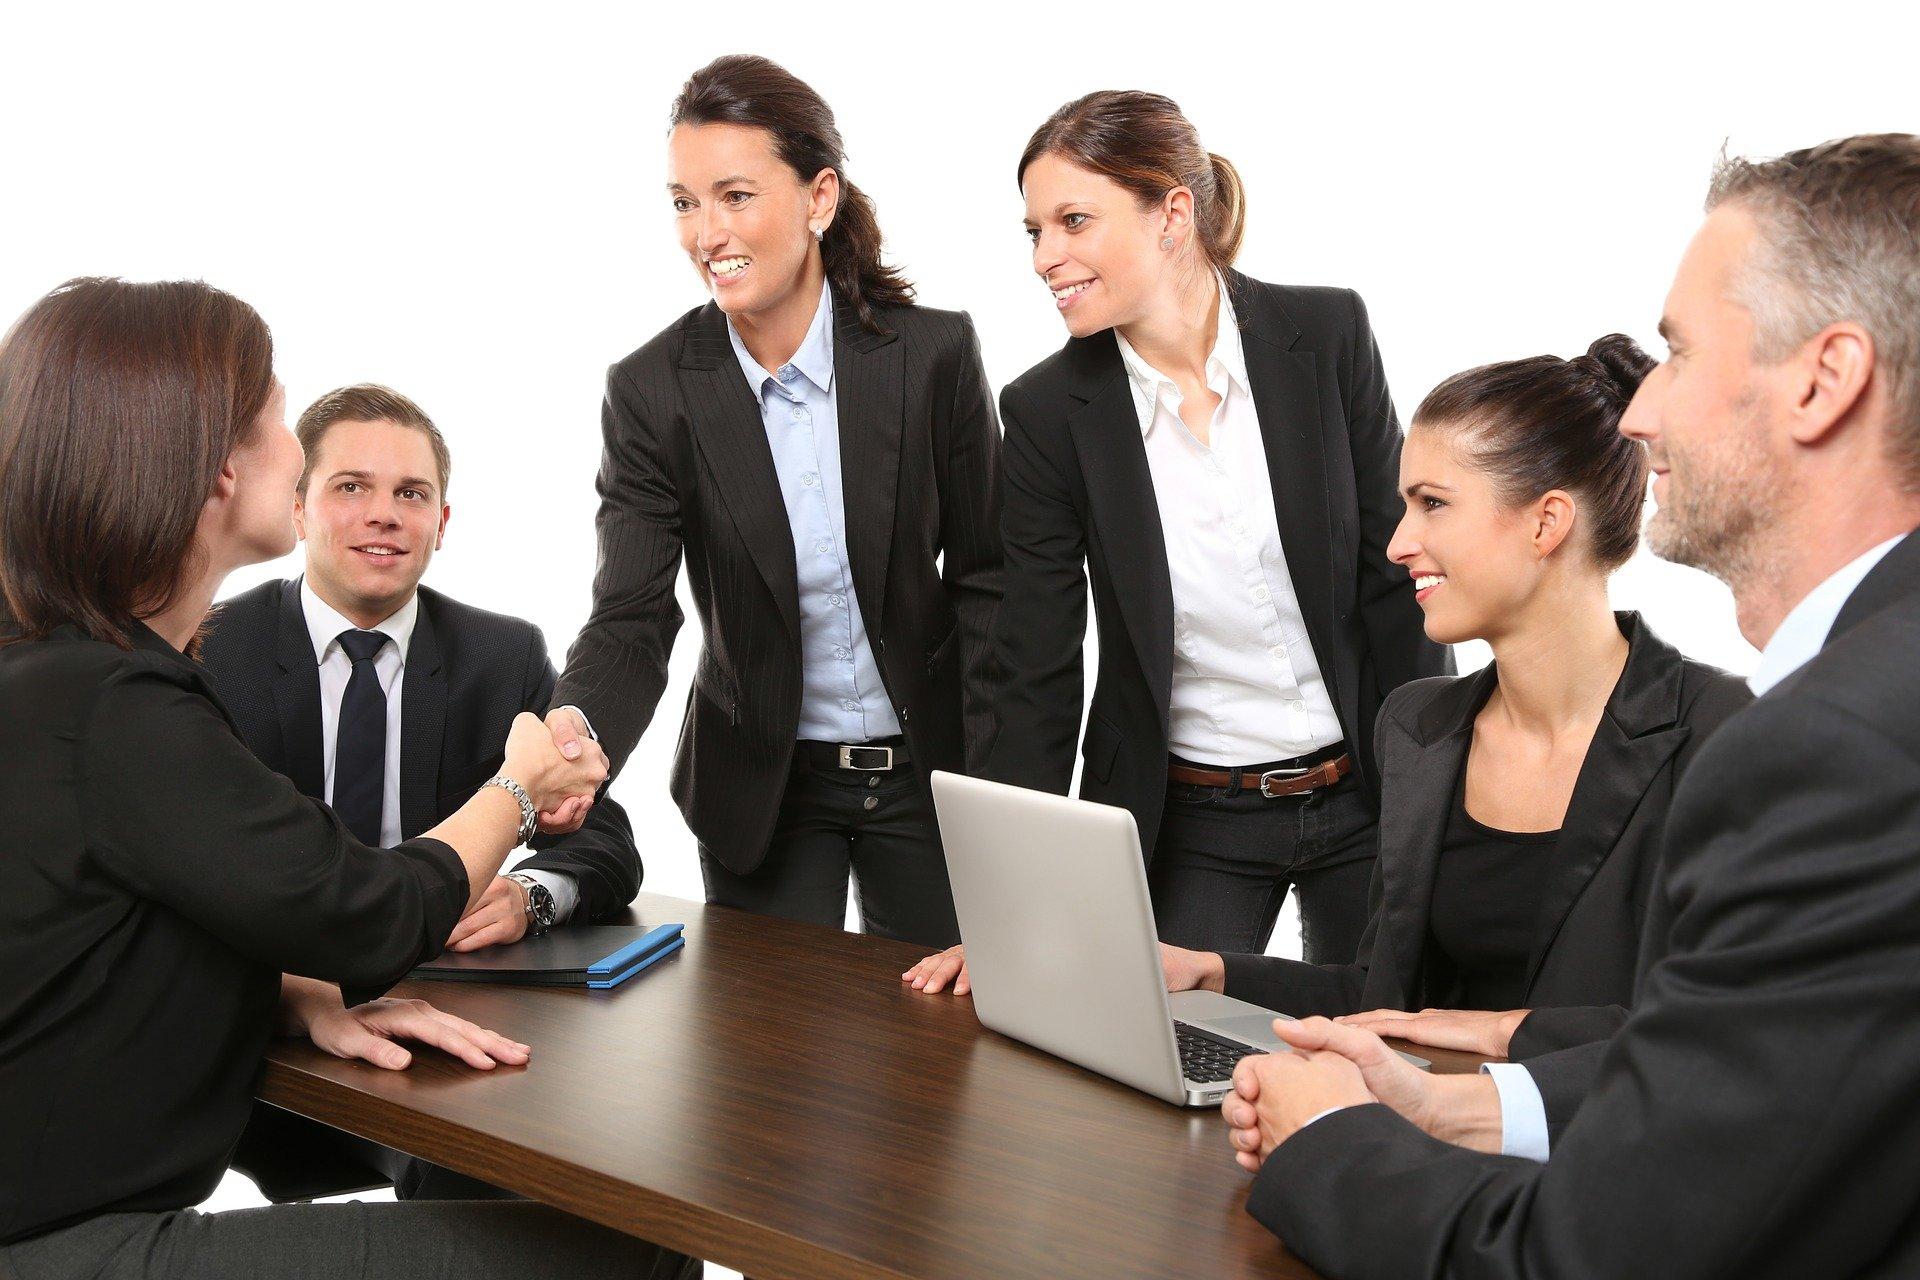 10 TIPPS für ein erfolgreiches Vorstellungsgespräch